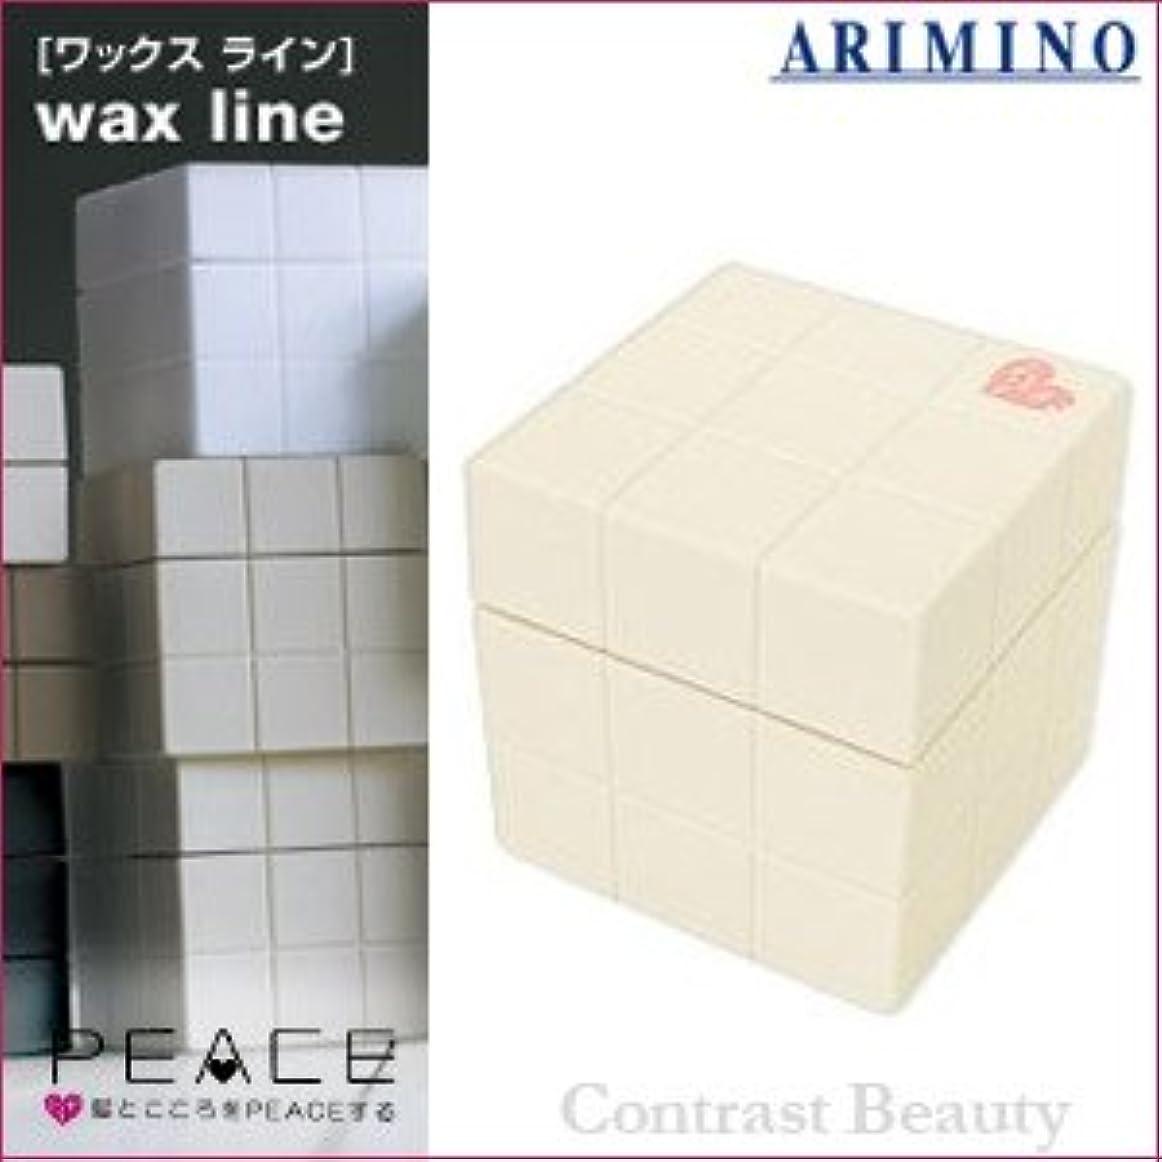 アレイ電話威する【x3個セット】 アリミノ ピース プロデザインシリーズ ニュアンスワックス バニラ 80g